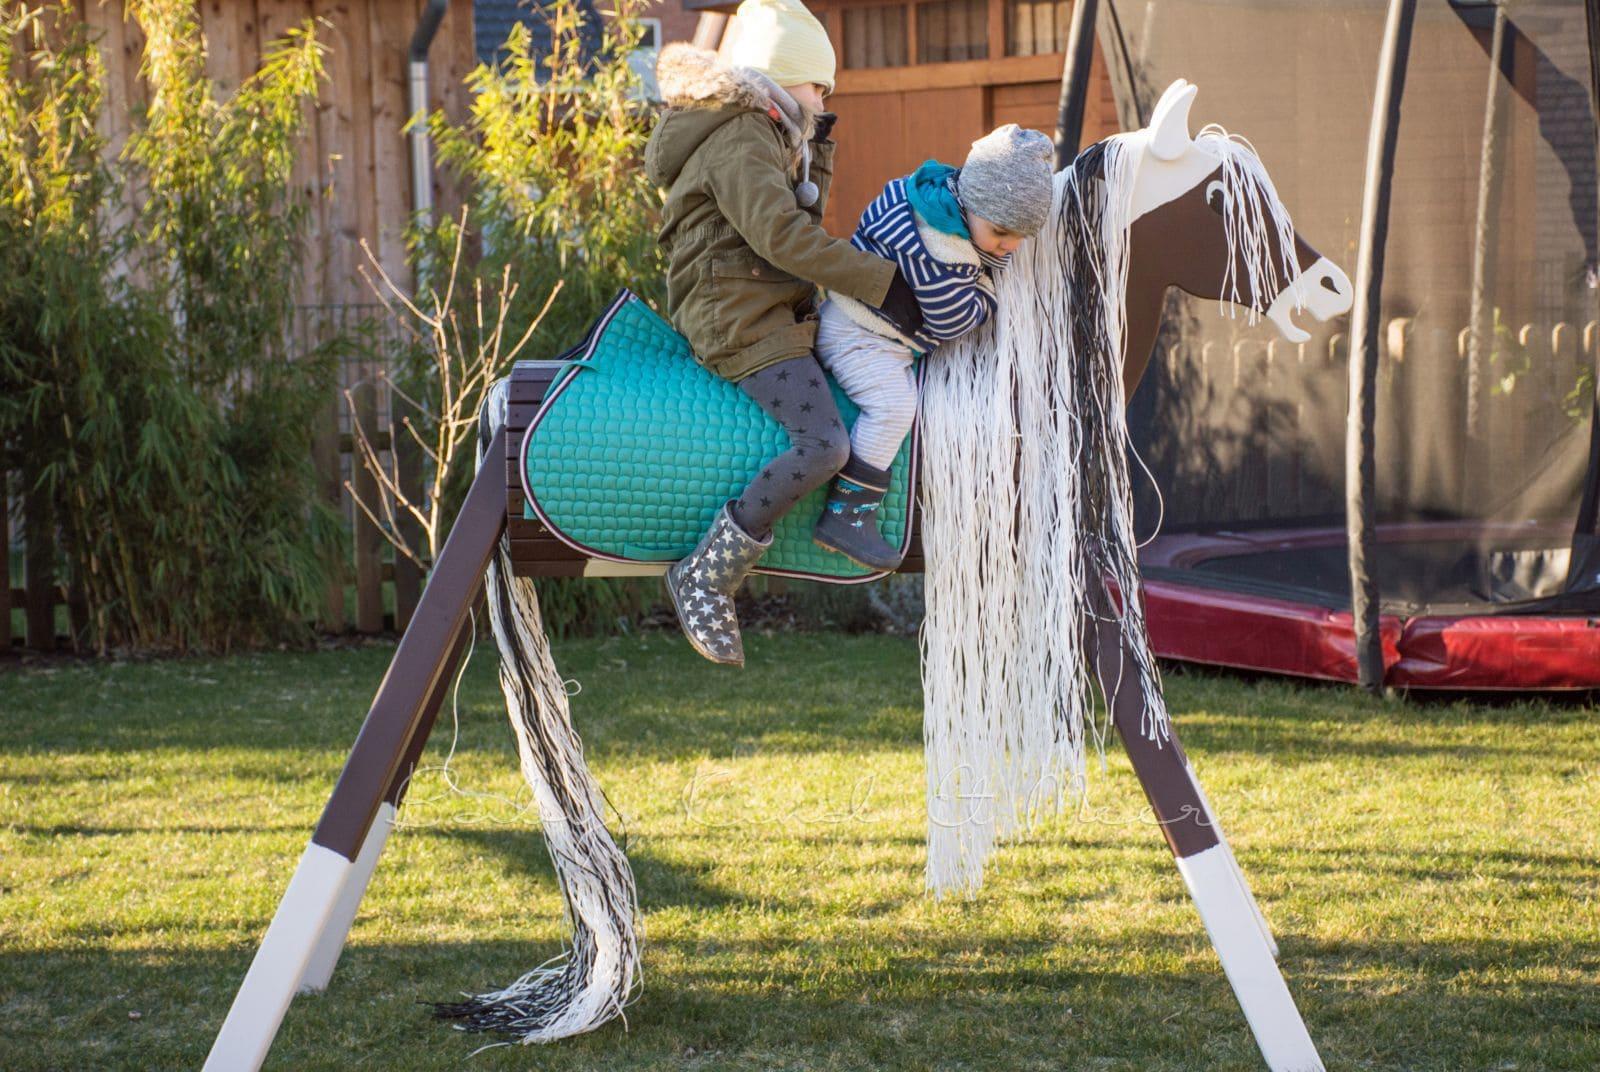 ein holzpferd fÜr den garten - spielzeug, hausbau & garten, deko